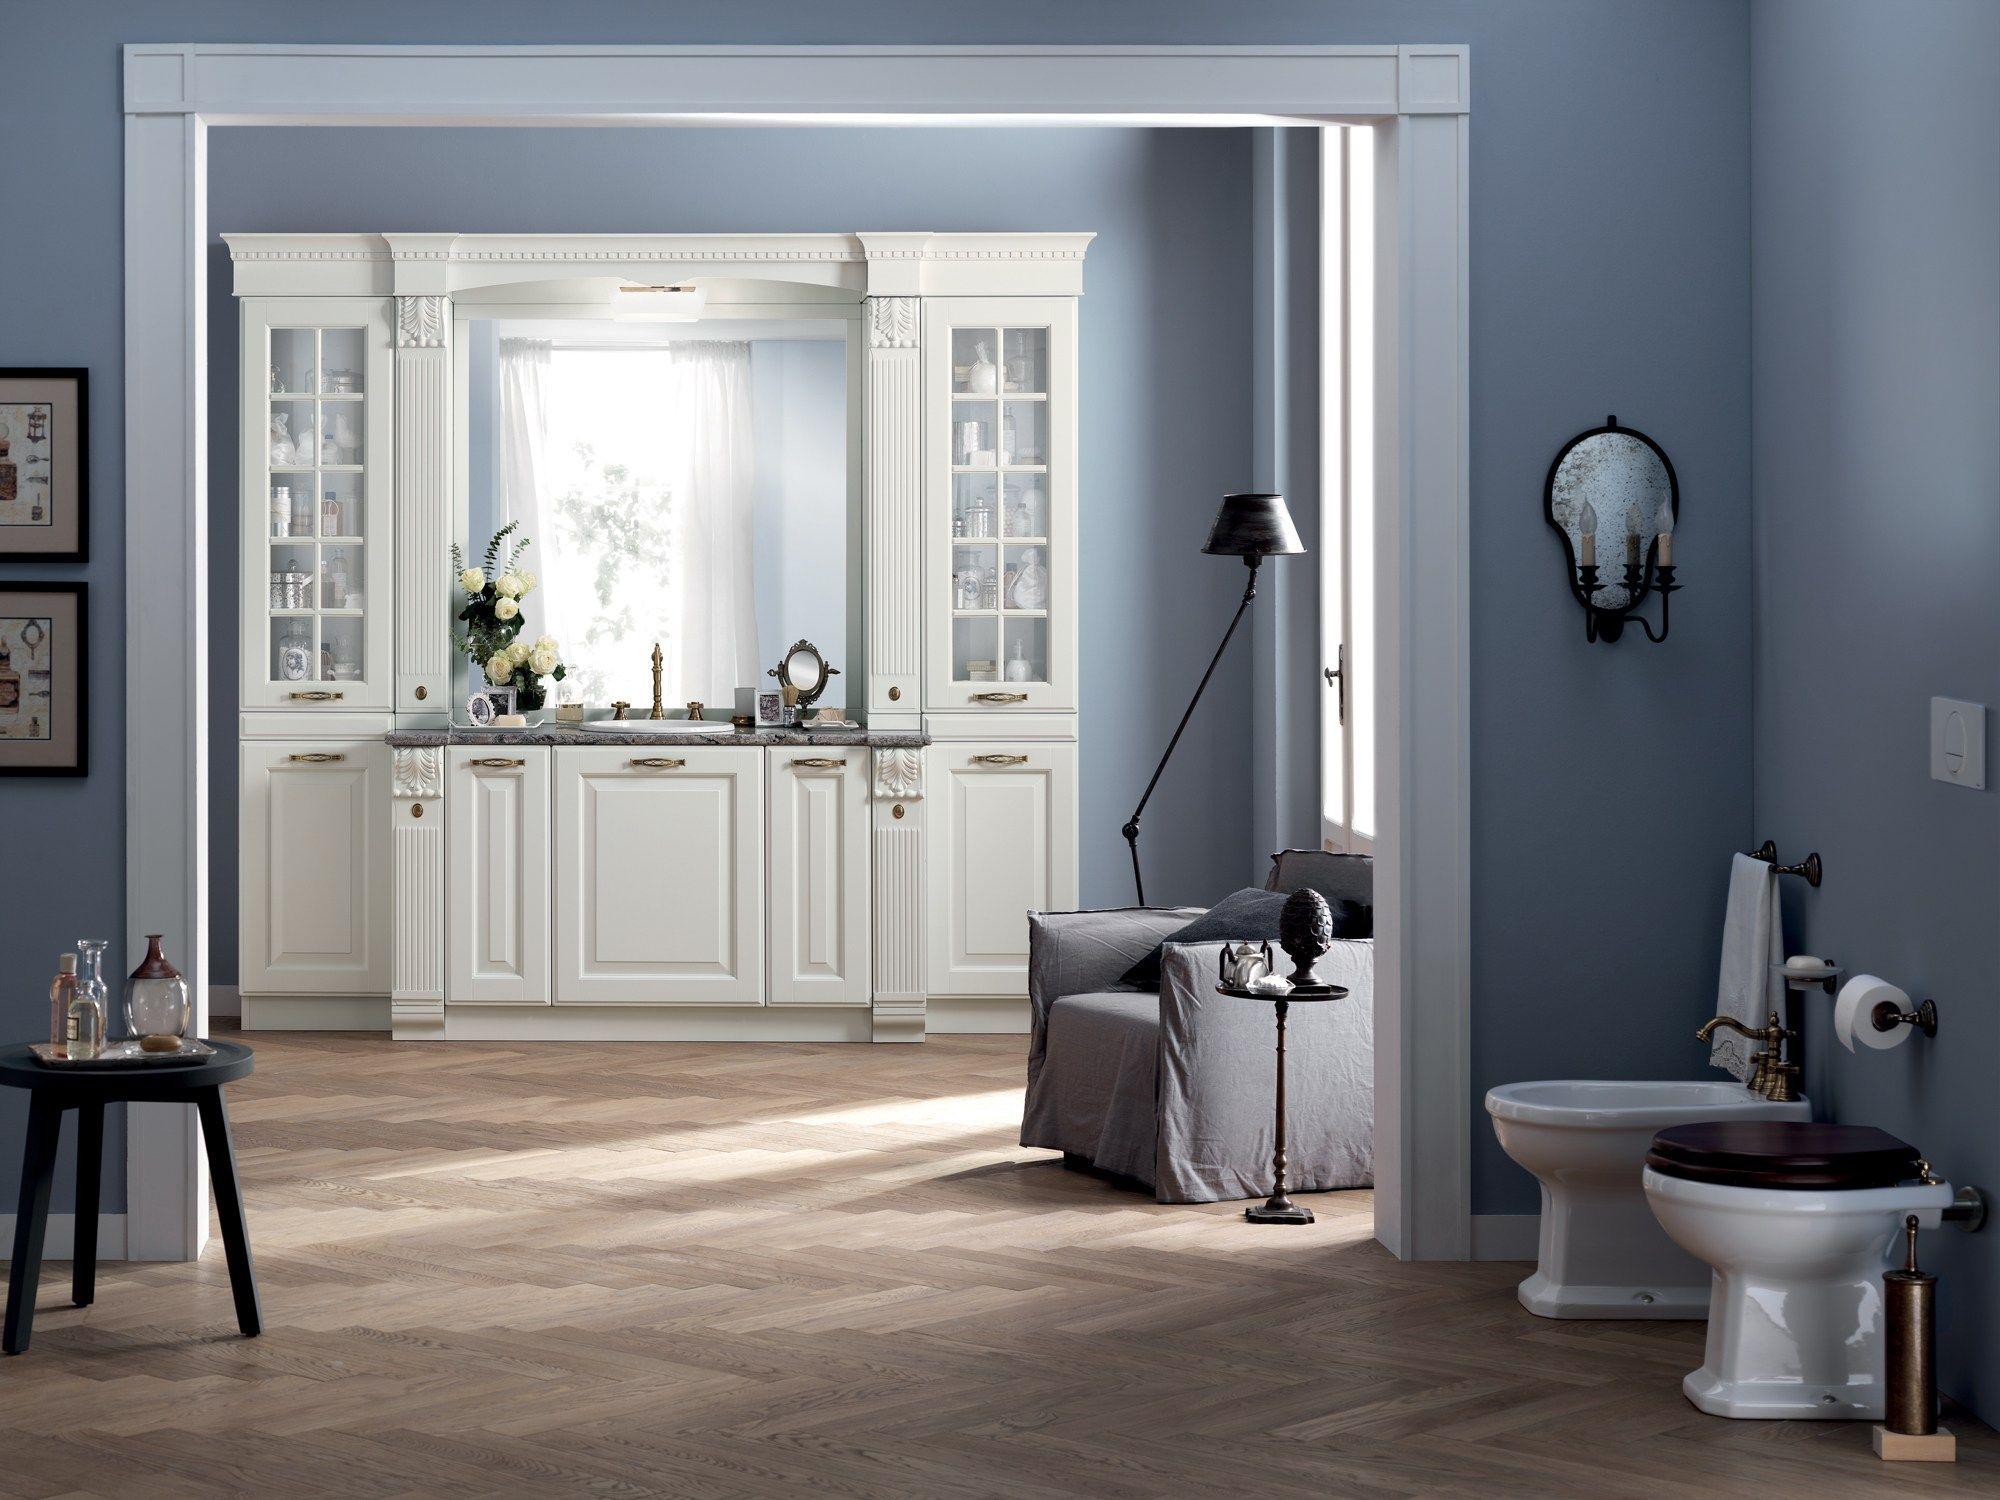 Arredo bagno completo baltimora by scavolini bathrooms for Arredo bagno 3d